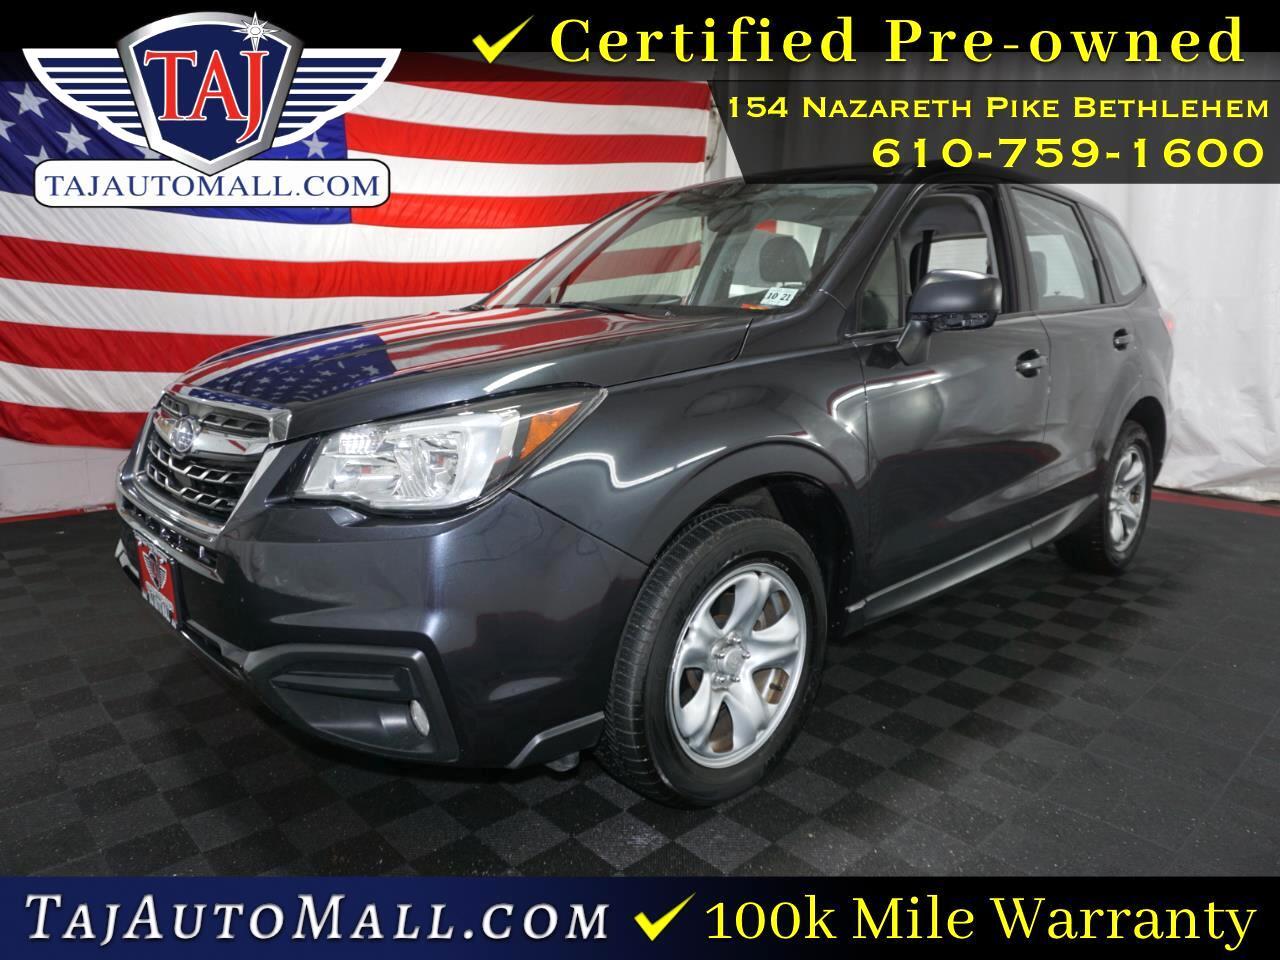 Subaru Warranty 2017 >> Used 2017 Subaru Forester 2 5i For Sale In Bethlehem Pa